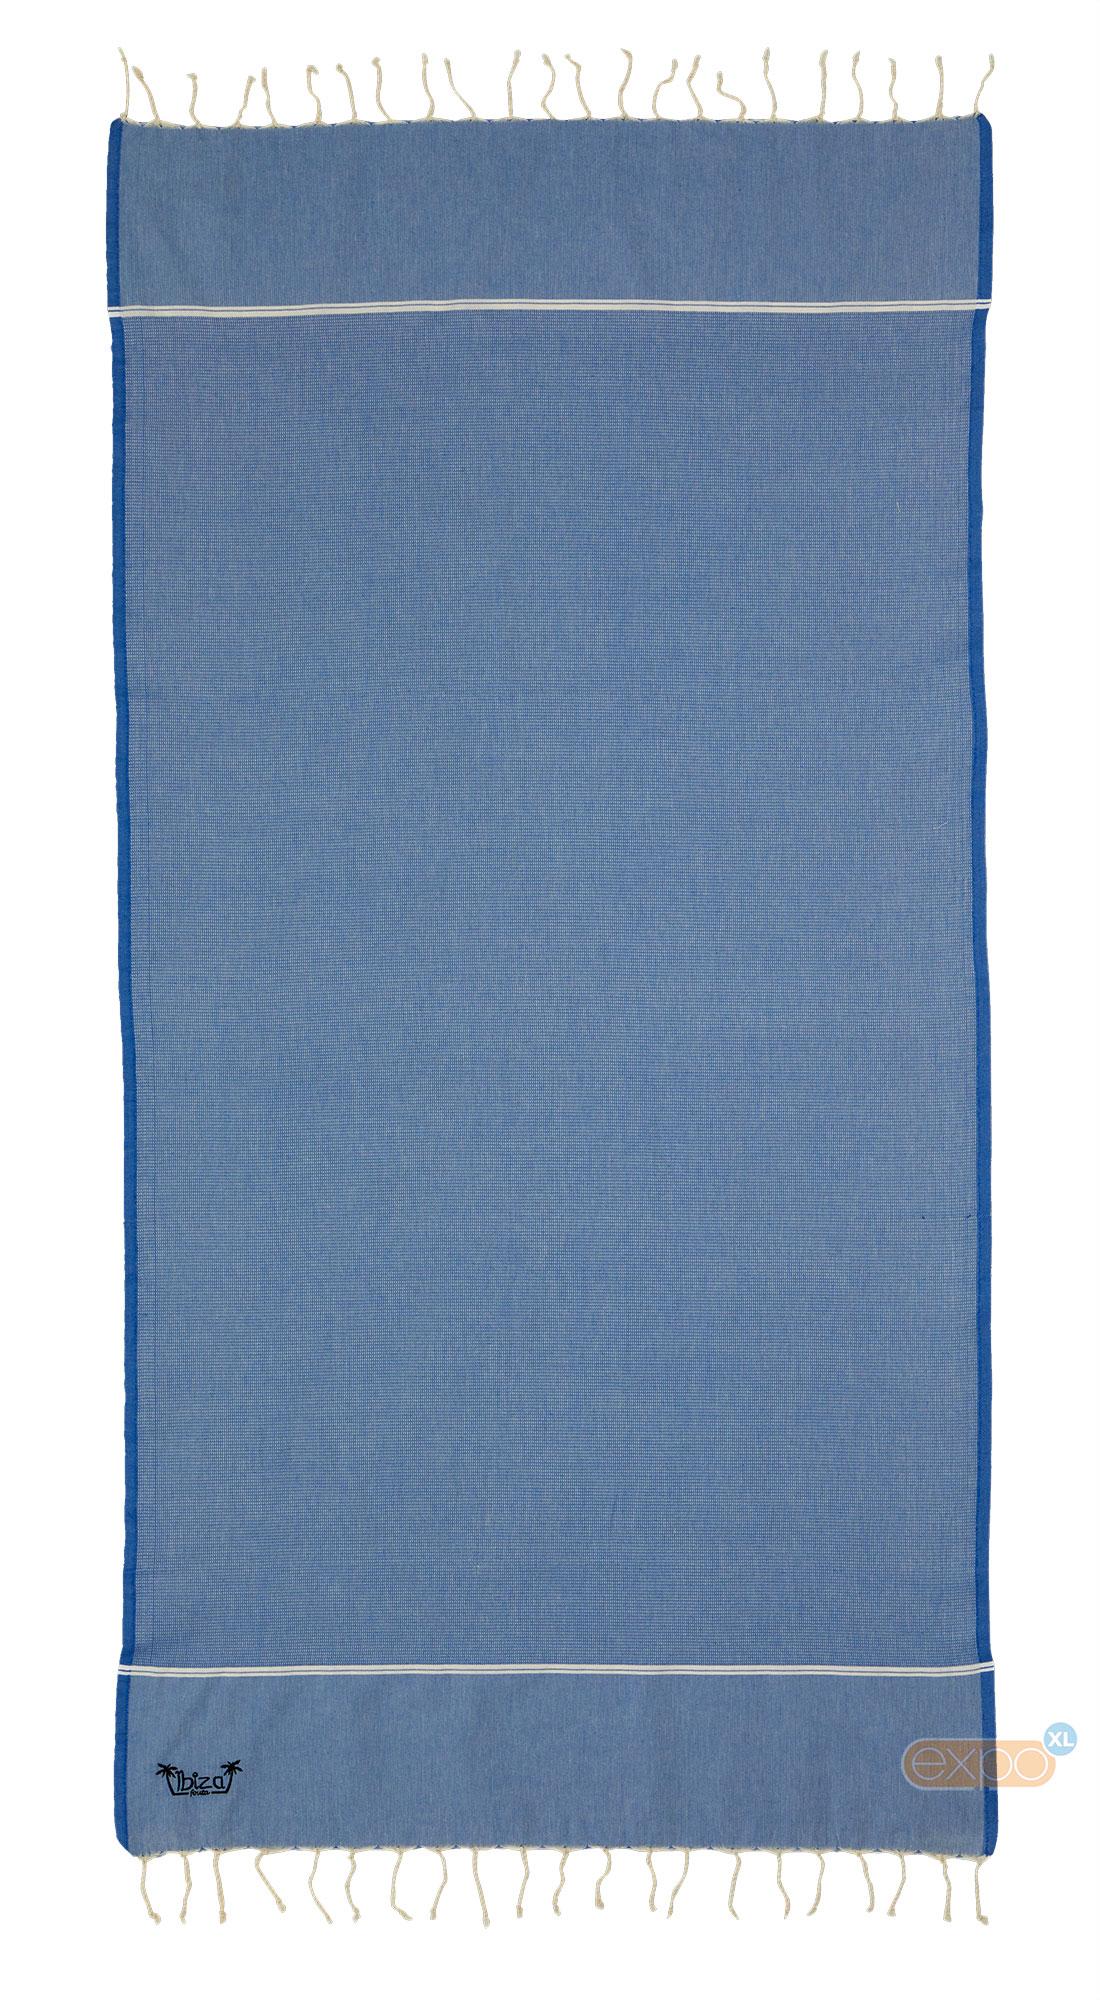 5aabbf5ce82 Fouta Es Vedra - XL hamamdoek - blauw kopen? | Expo XL